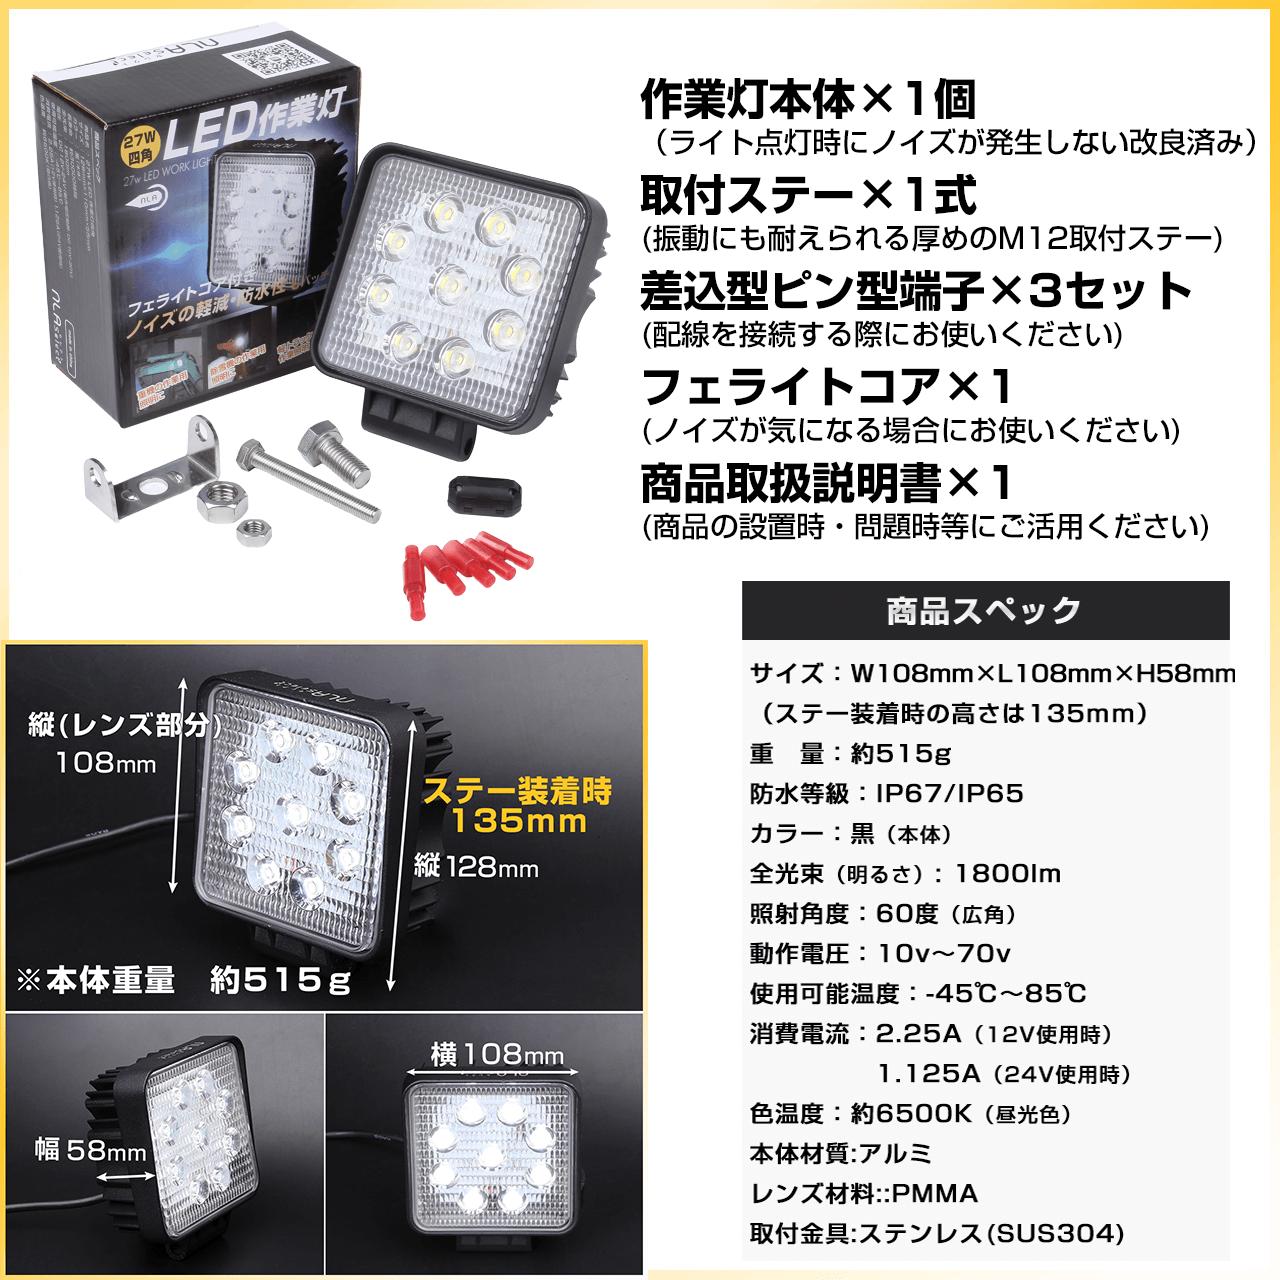 27Wノイズレス作業灯・商品スペック表